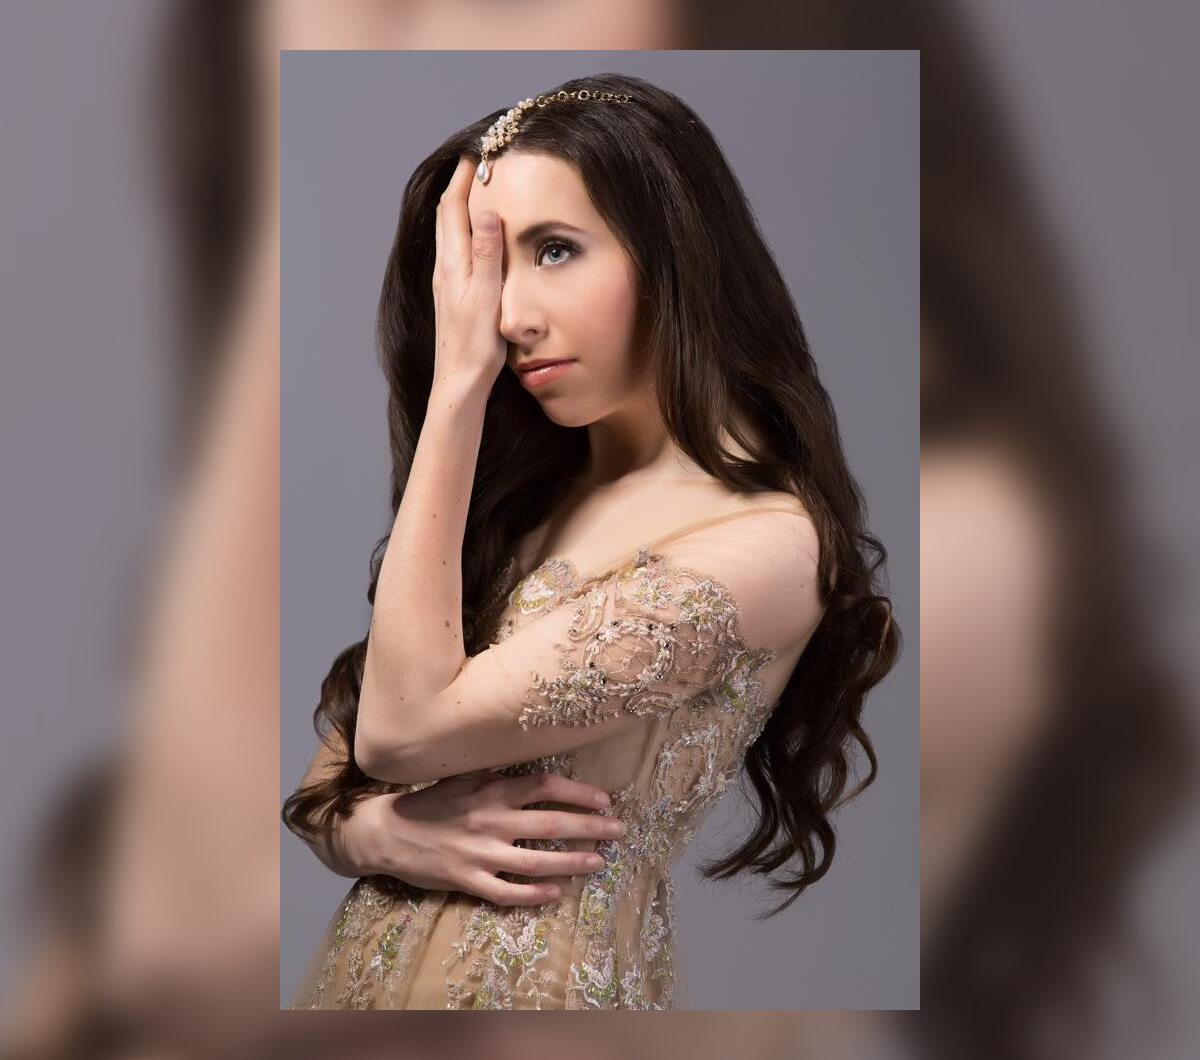 Kobieta ma zespół wad wrodzonych, zwany Zespołem Goldenhara